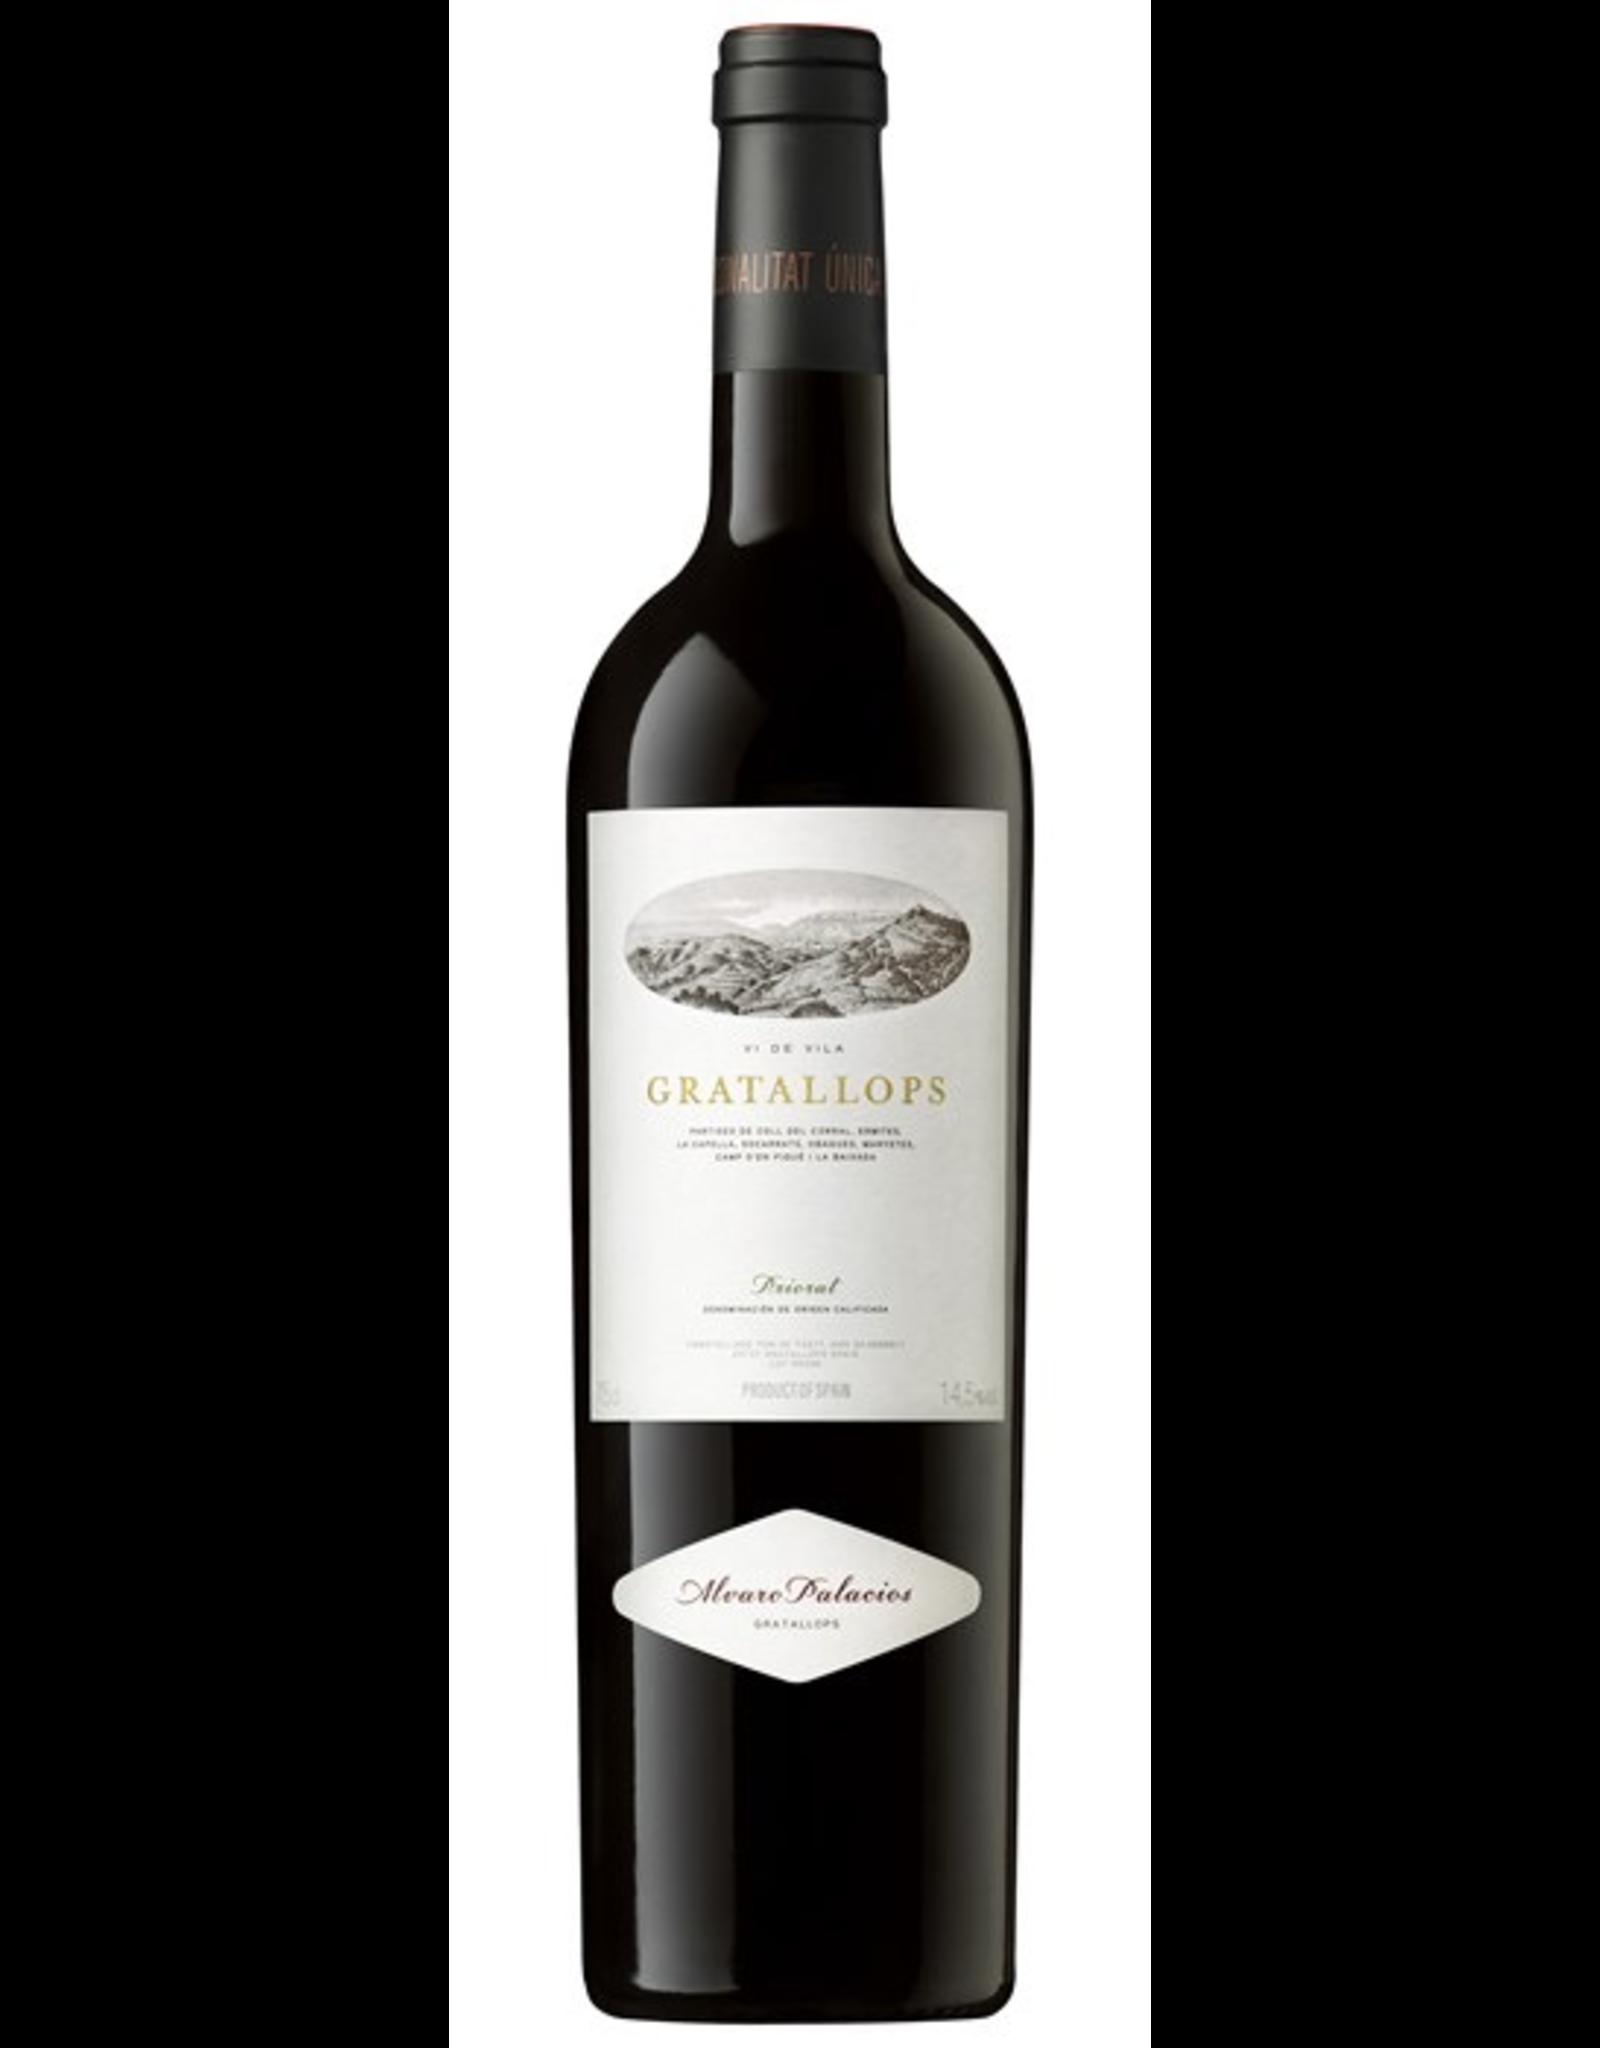 Red Wine 2017, Alvaro Palacios Gratallops, Red Blend, Priorat,  Catalunya, Spain, 14.1-16% Alc, CTnr